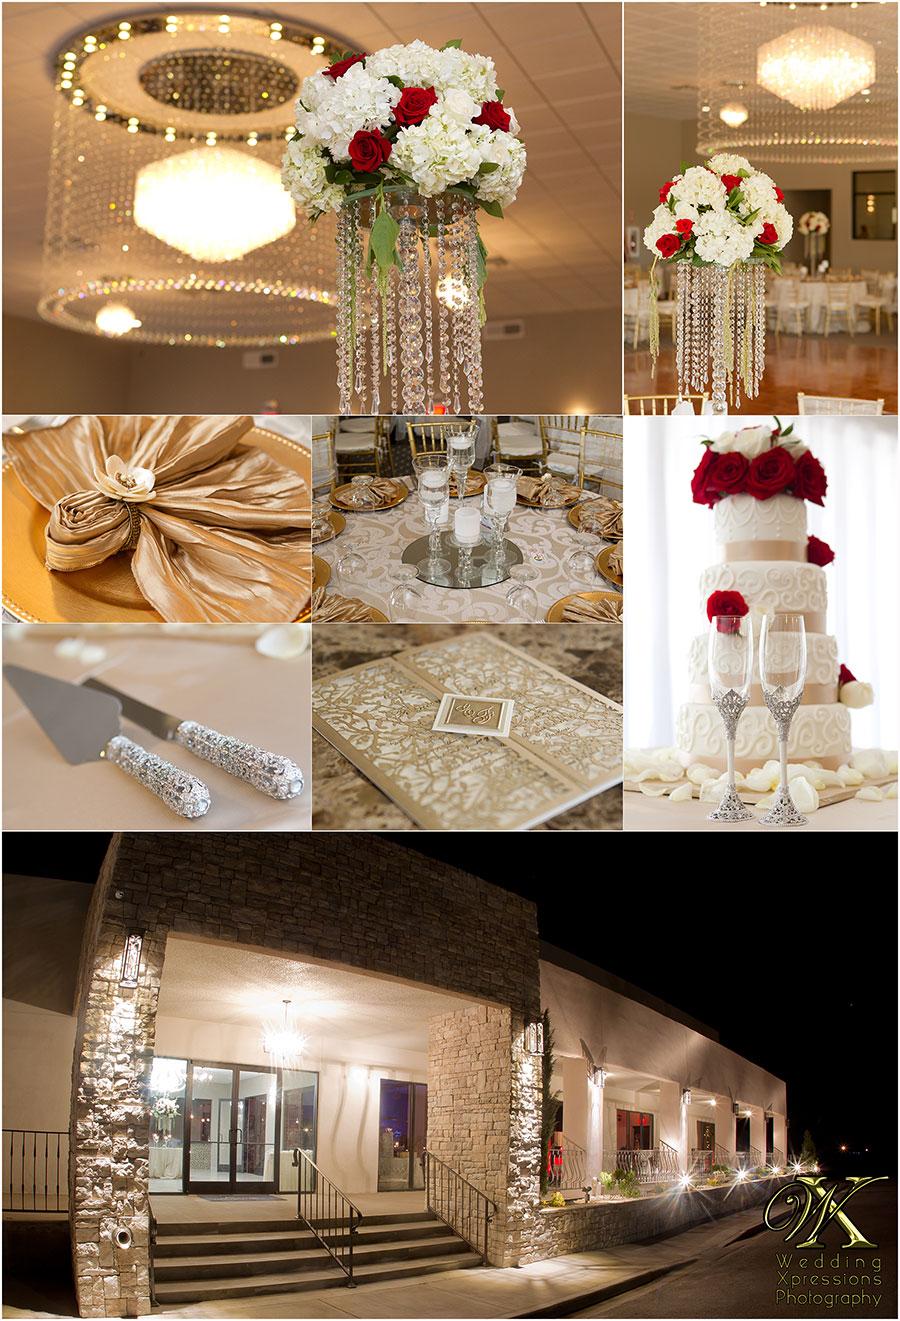 Fernando & Erica\'s Wedding at Grace Gardens in El Paso TX - Wedding ...